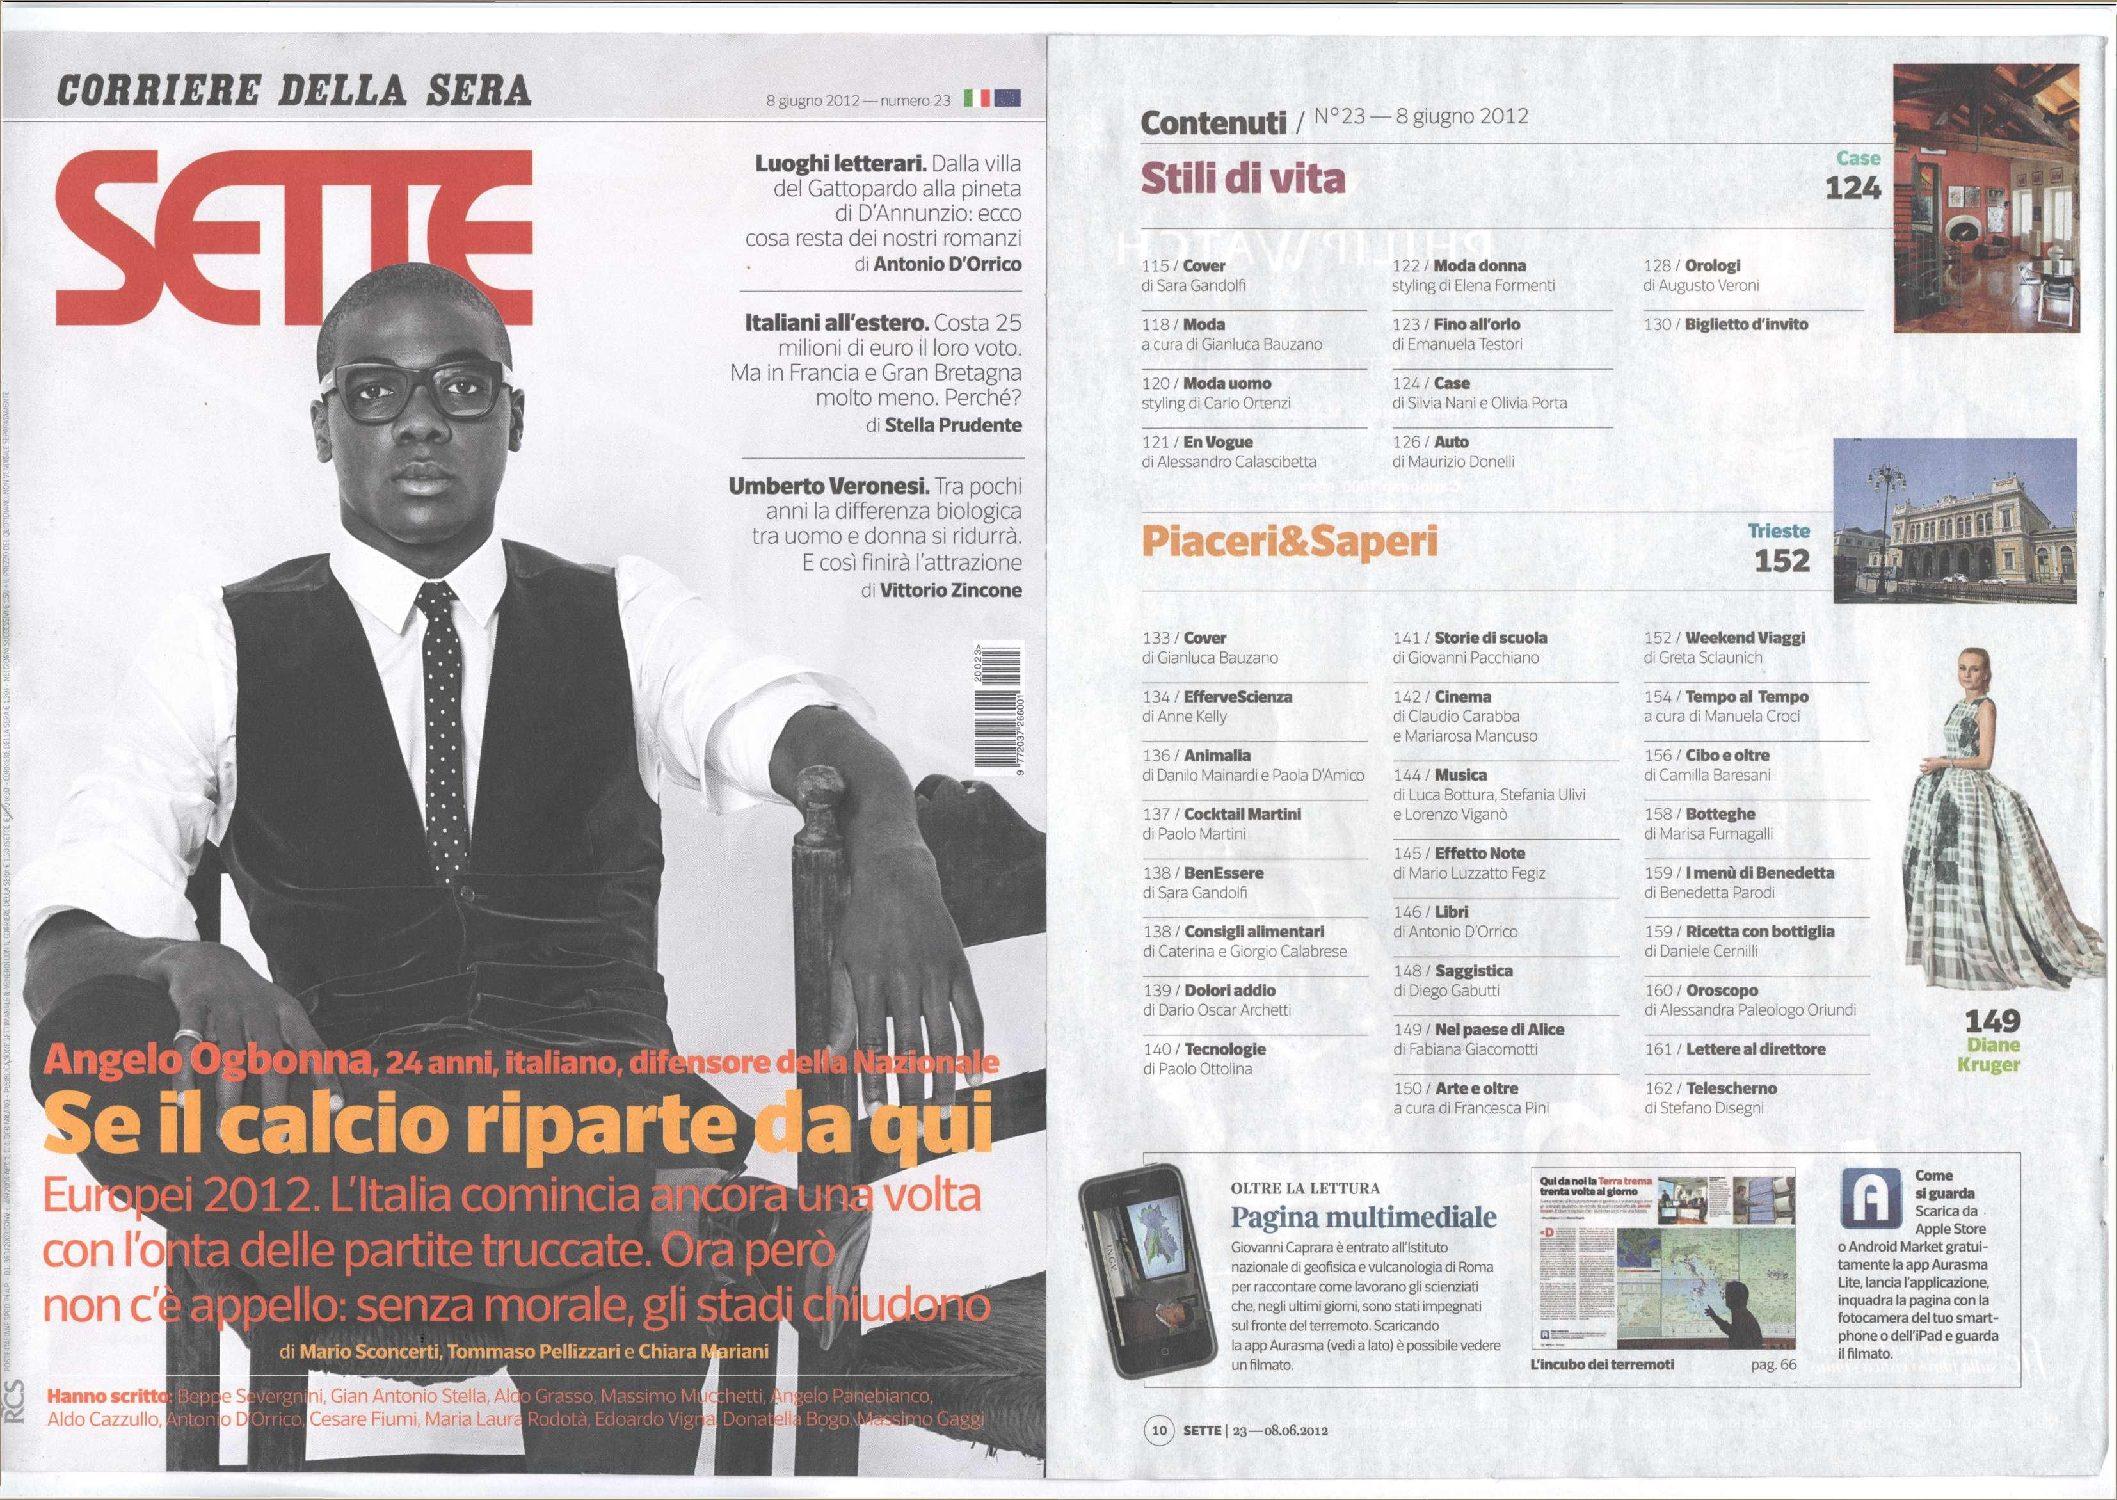 Articolo Corriere Della Sera Giugno 2012